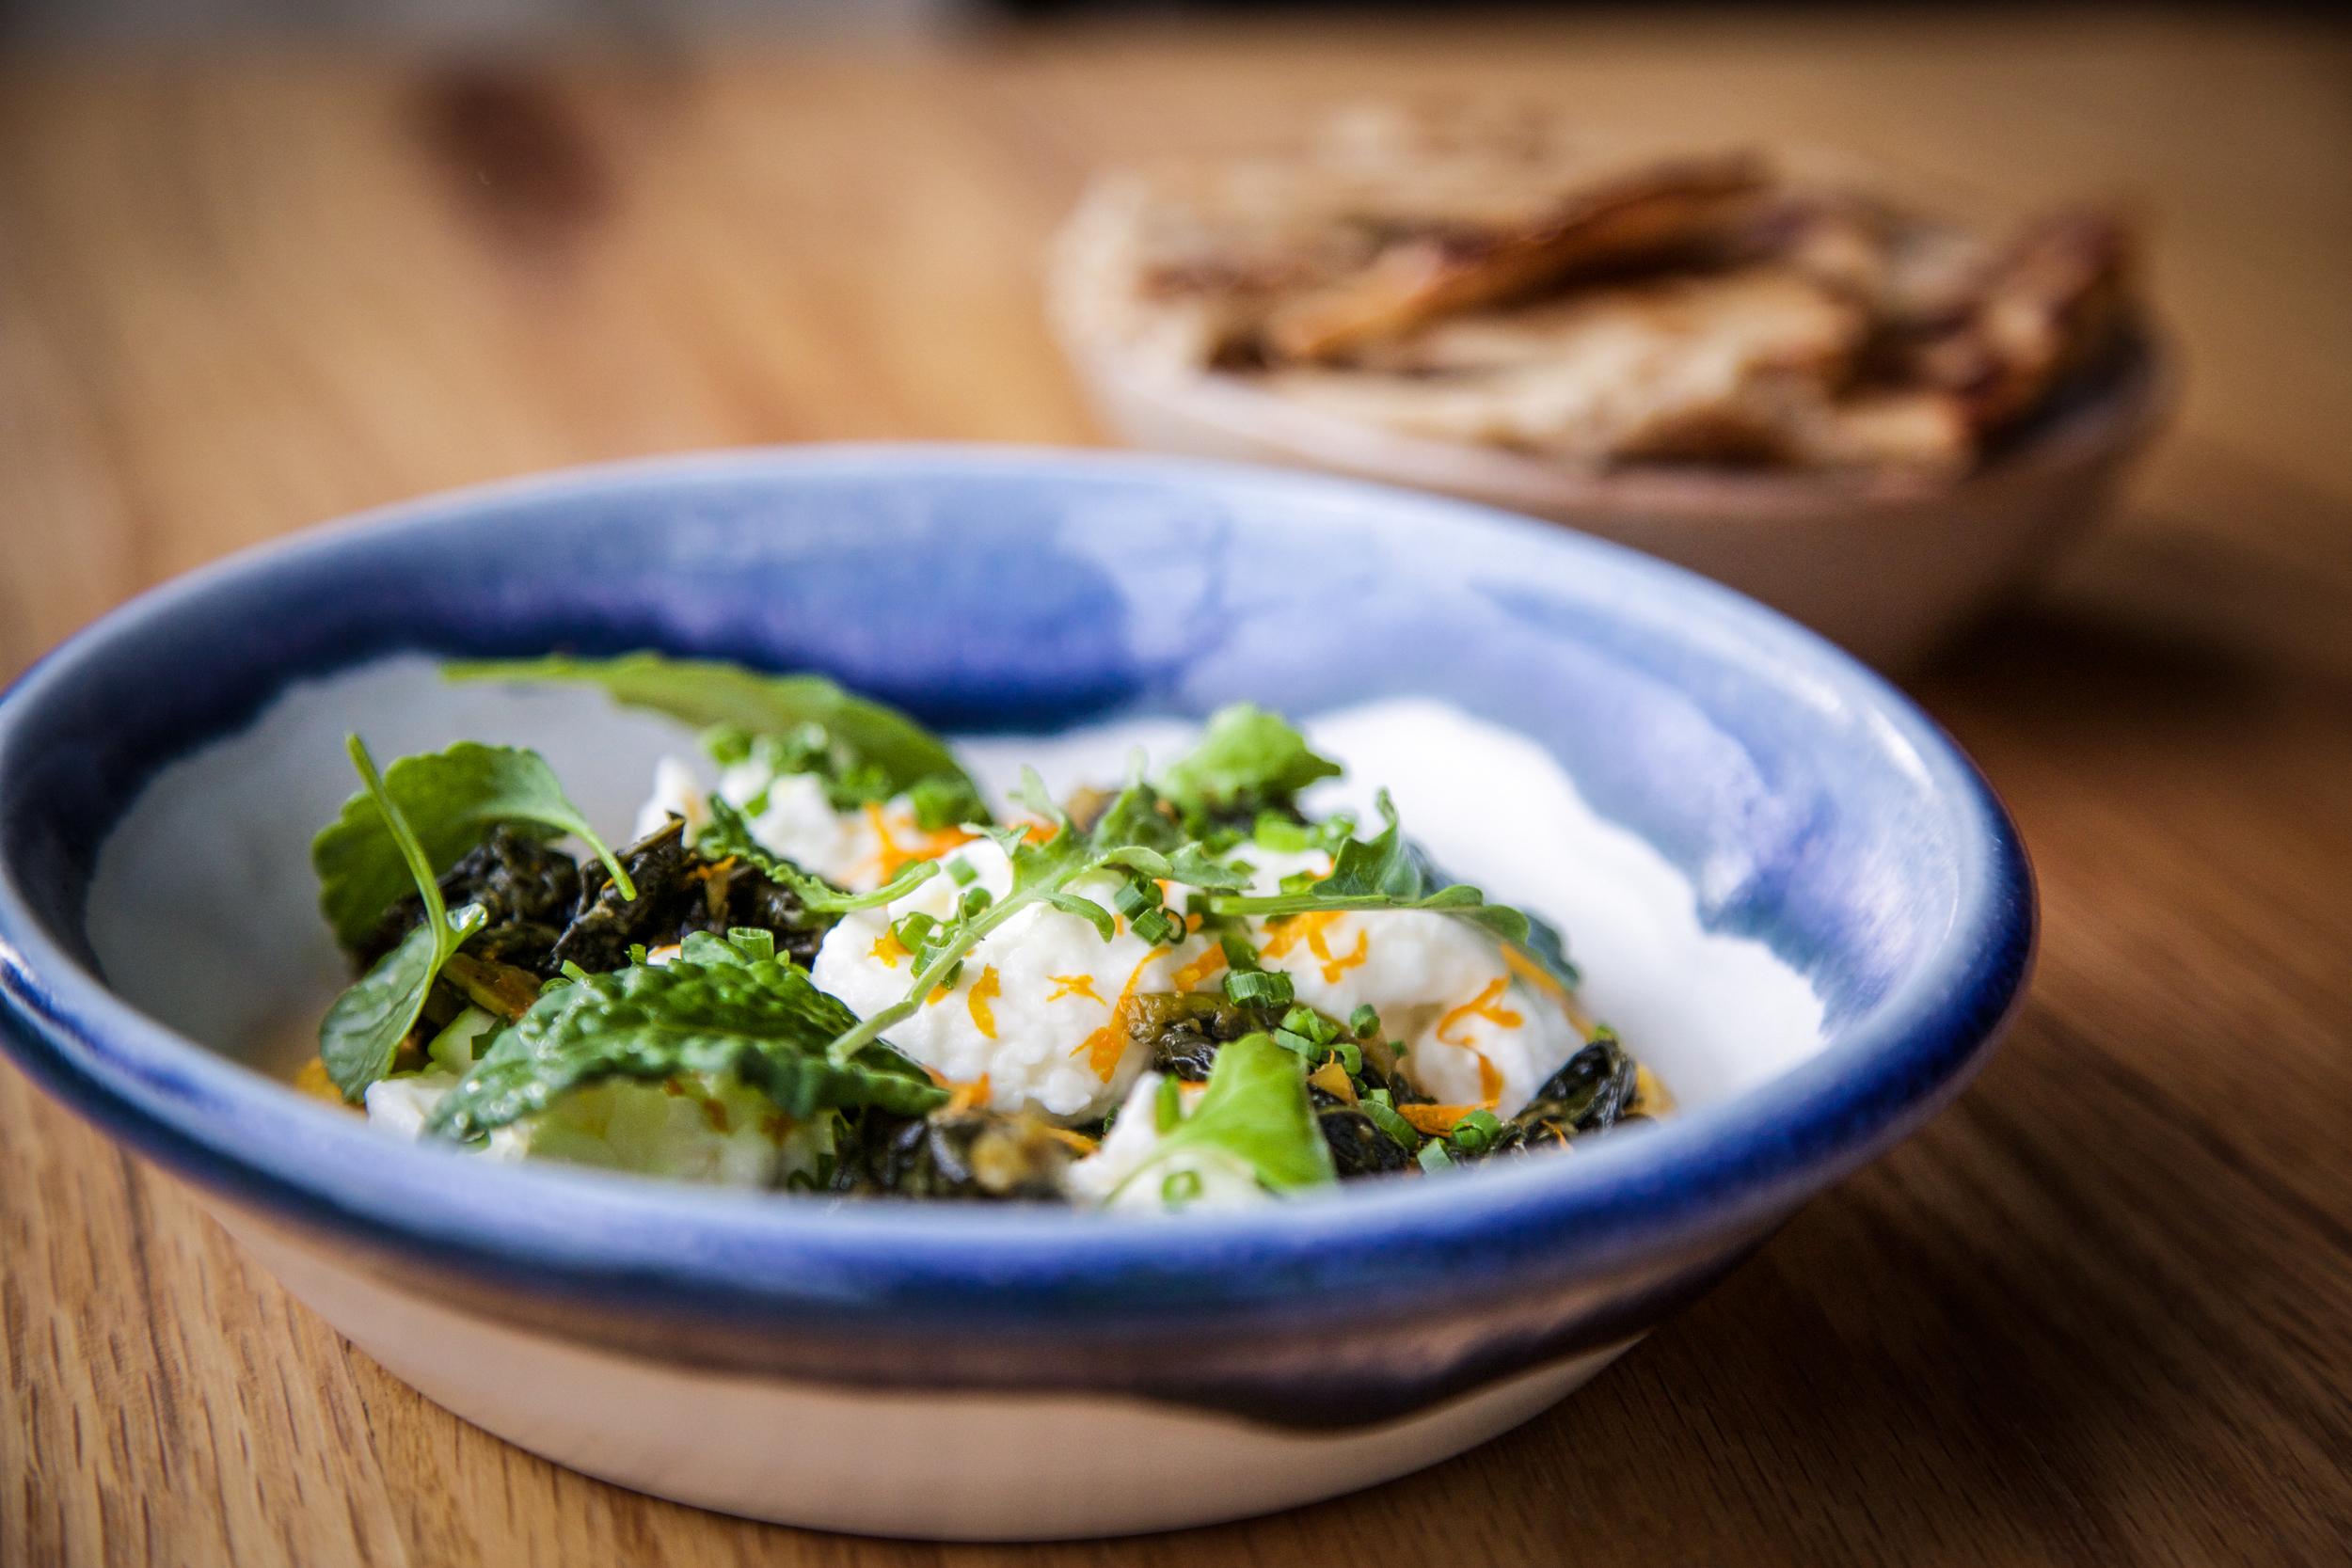 Burrata + Foraged Green Pesto